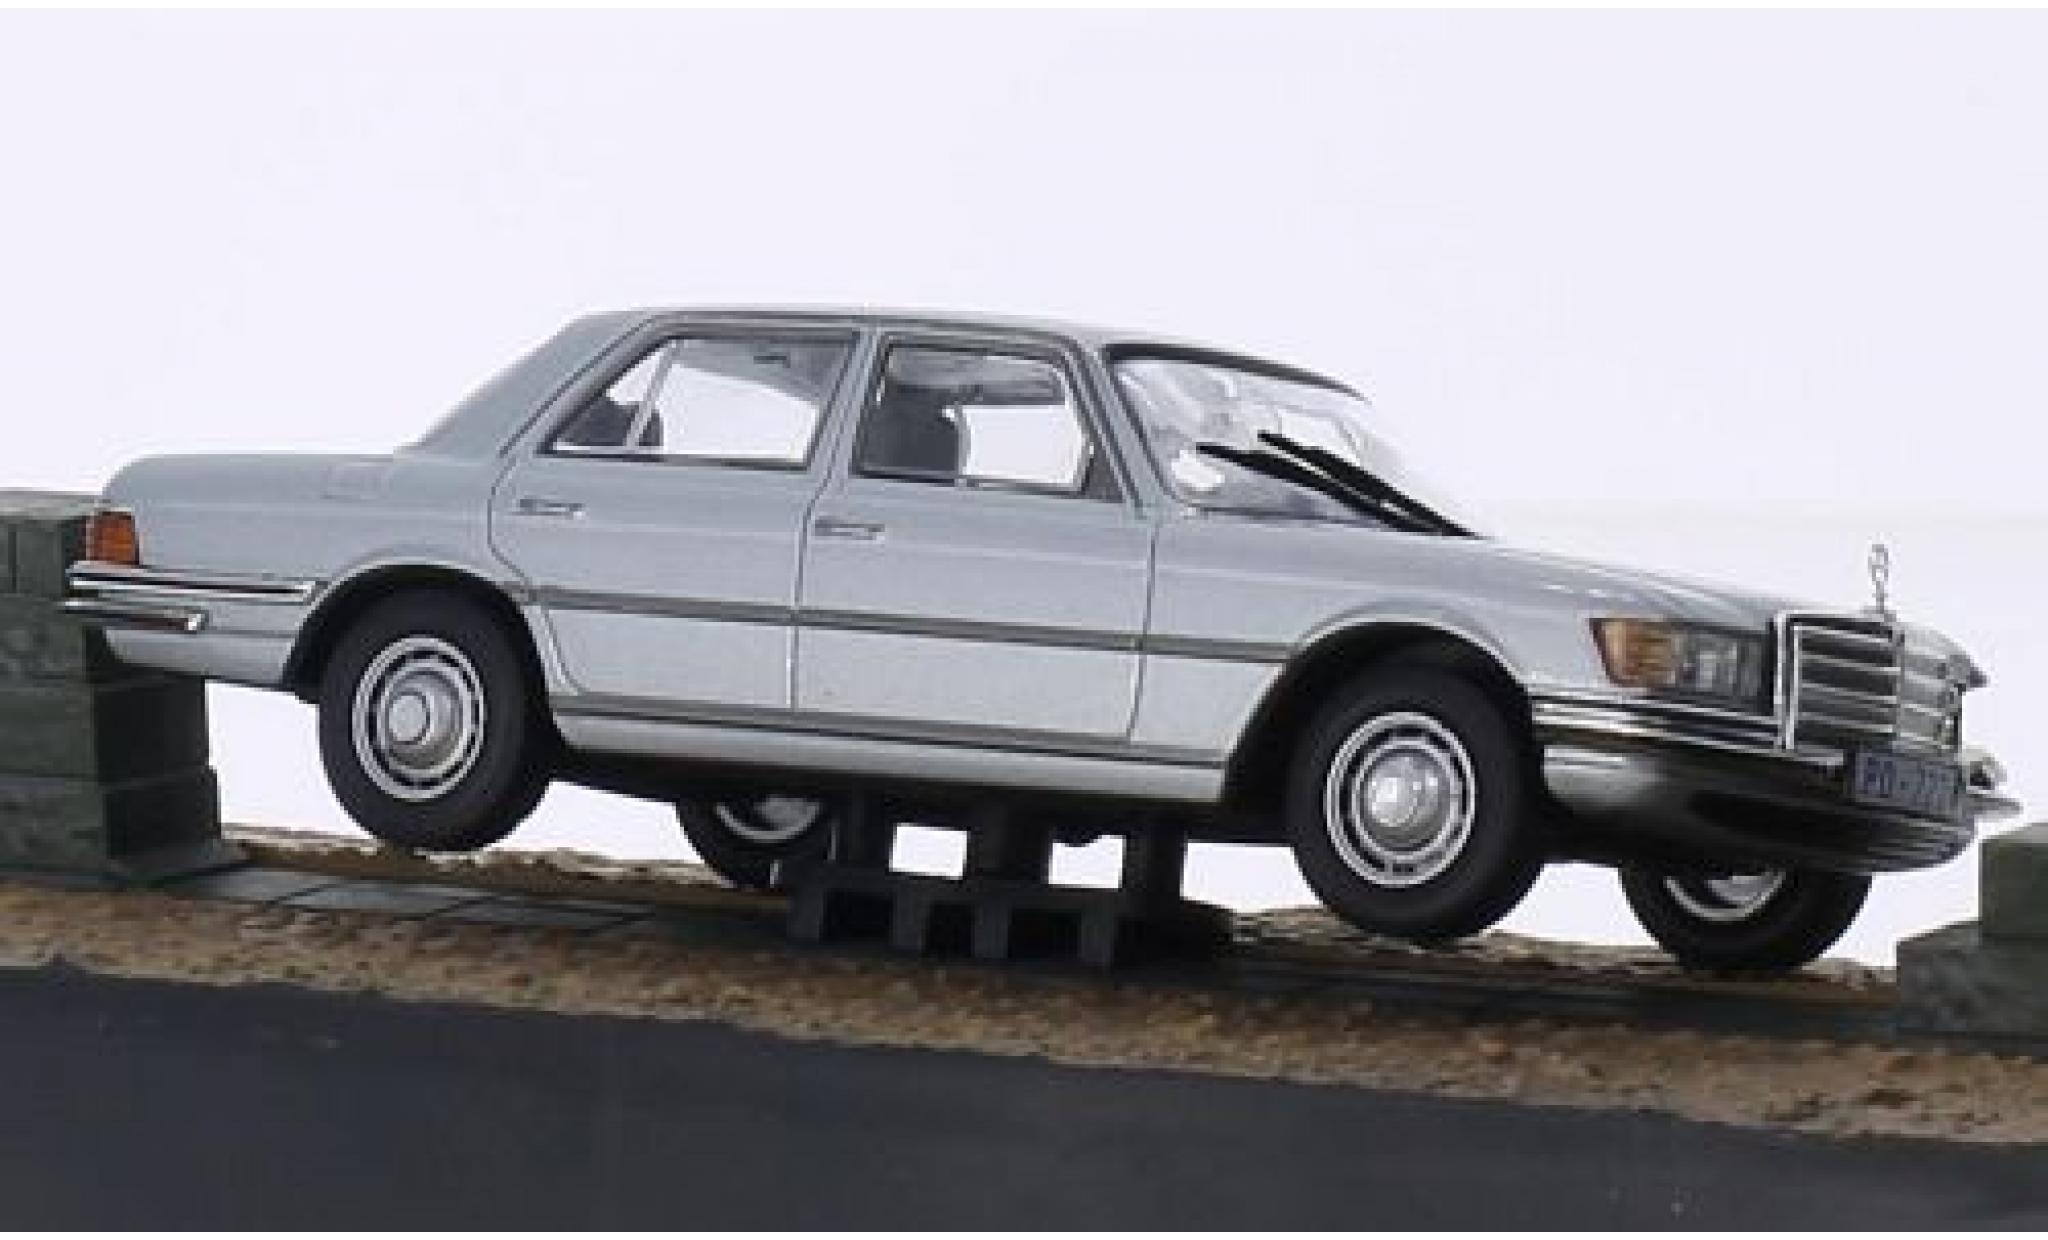 Mercedes 450 1/43 SpecialC 007 SEL grise James Bond 007 In tödlicher Mission ohne Vitrine